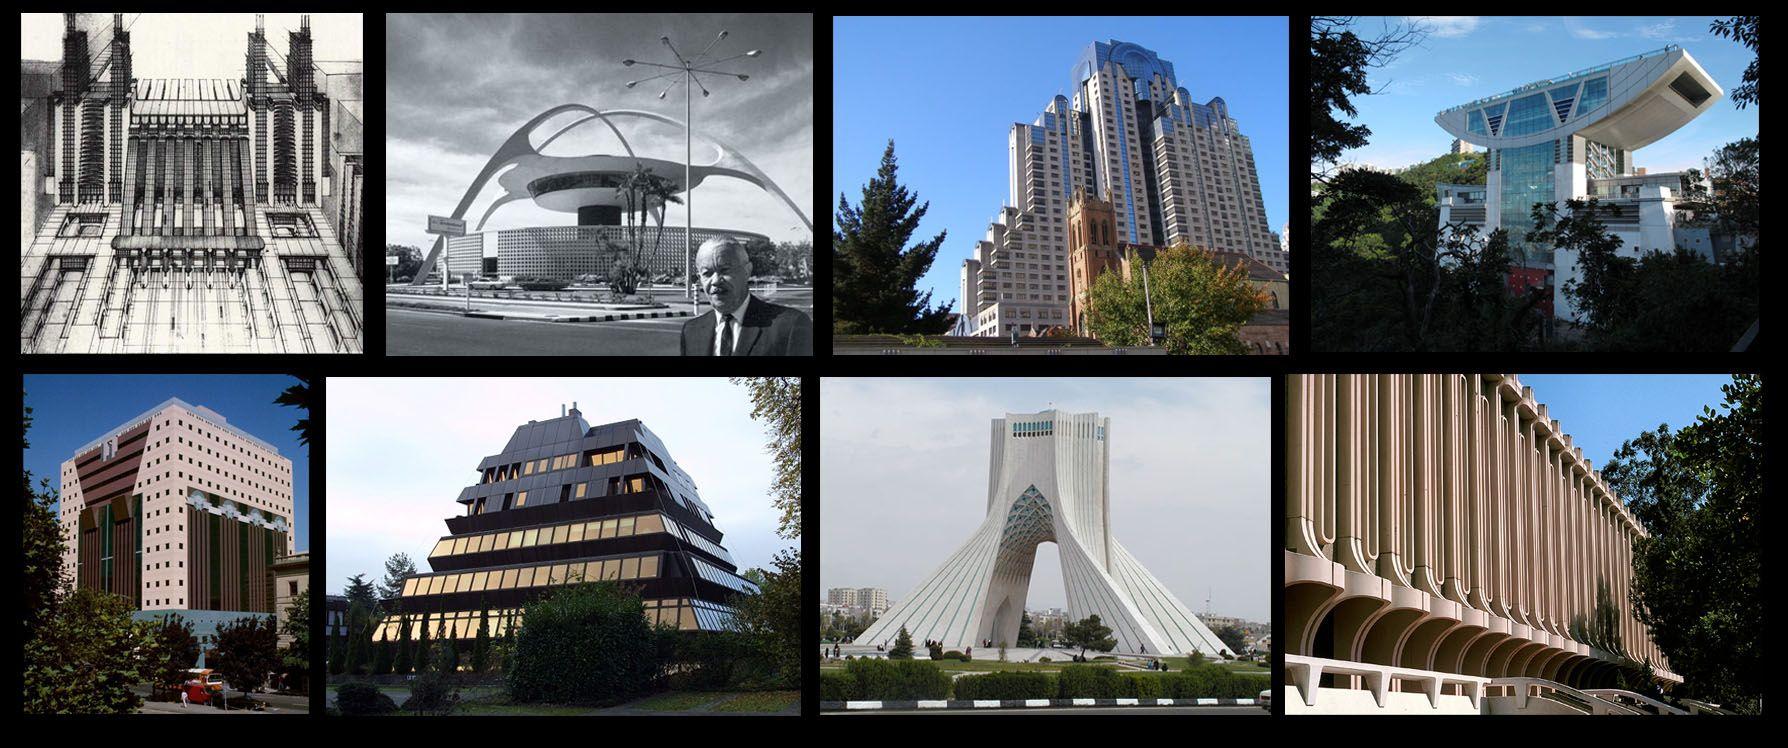 attention the futurist manifesto and futuristic architecture